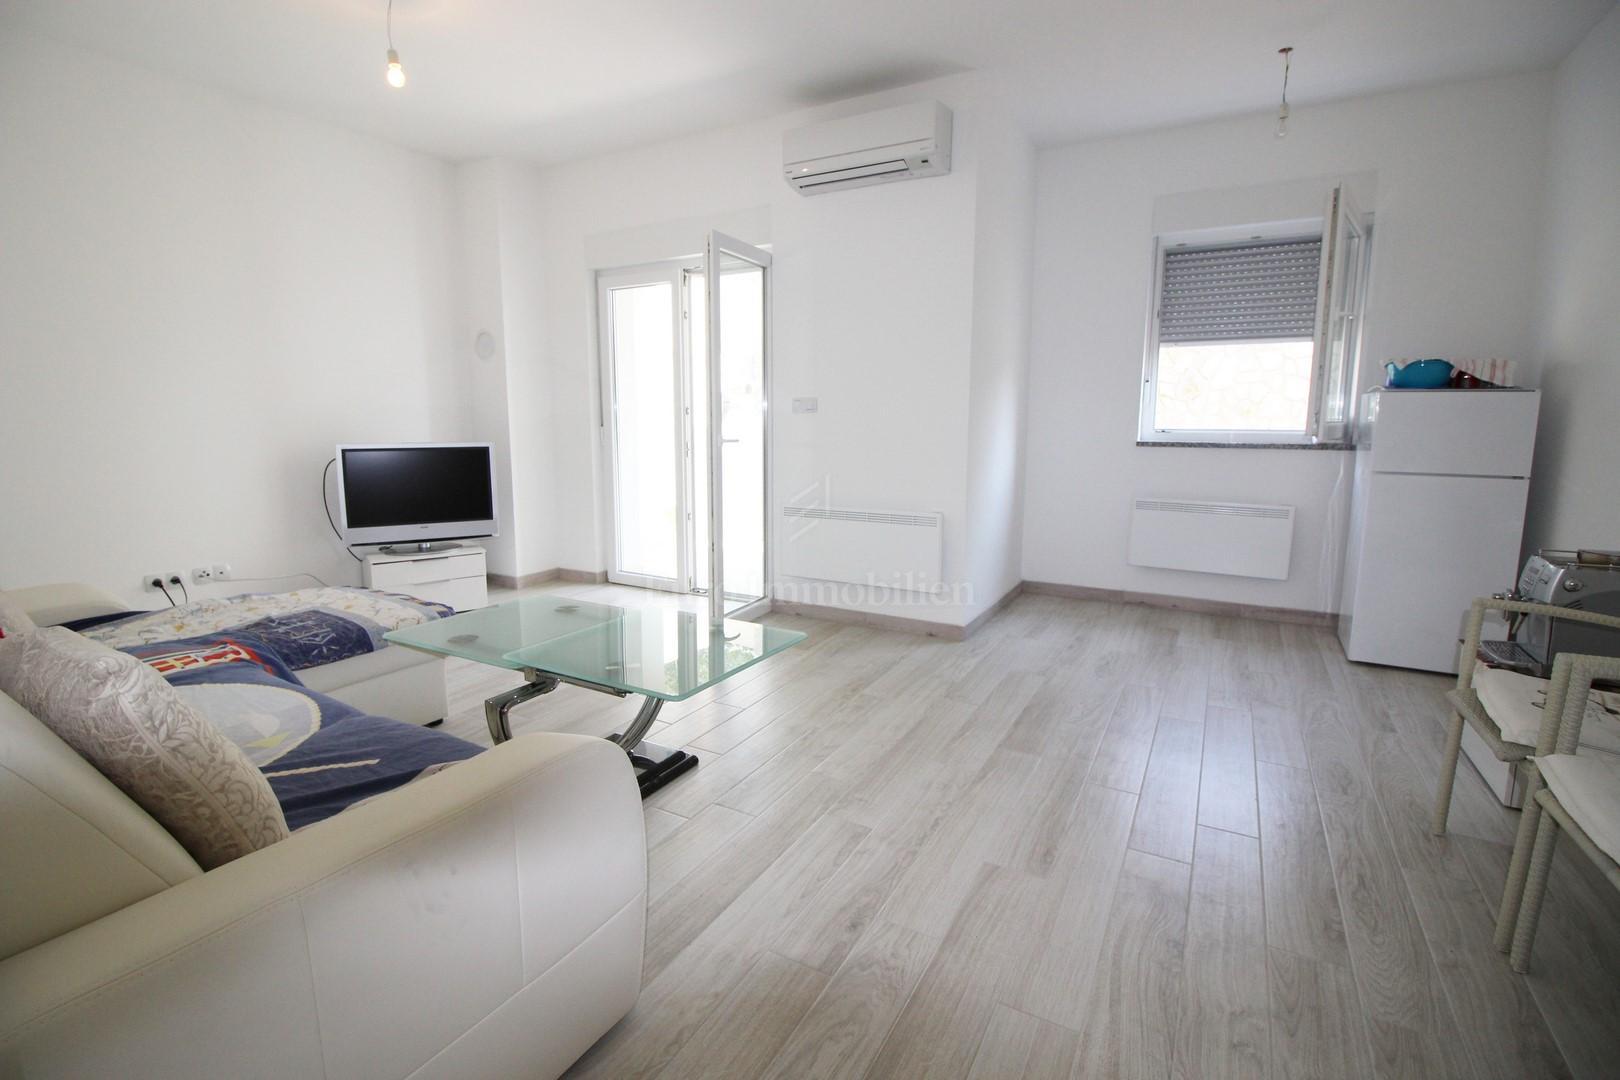 Appartamento arredato in ottima posizione